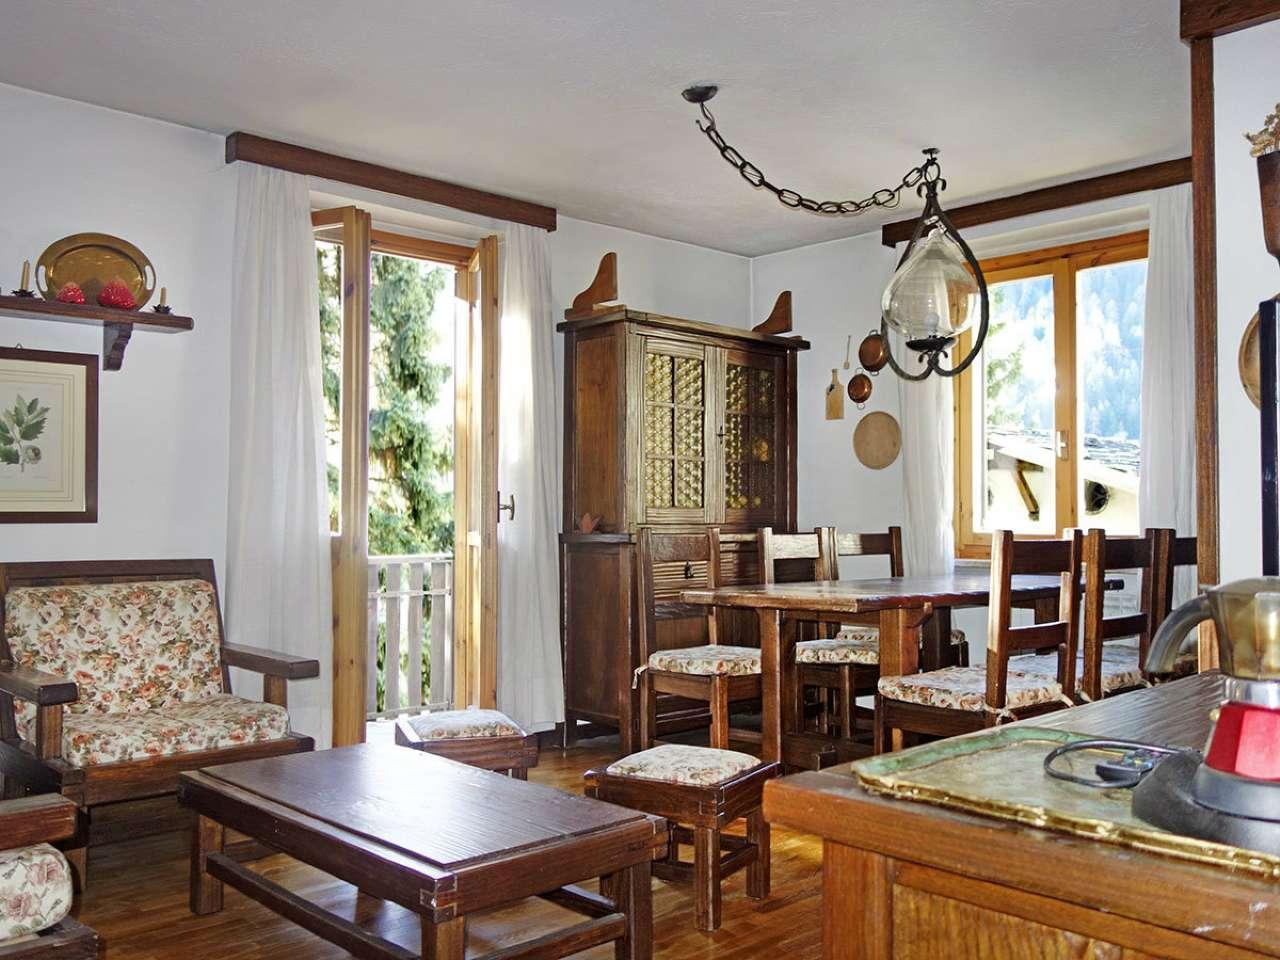 Appartamento in affitto a Courmayeur, 2 locali, Trattative riservate   CambioCasa.it